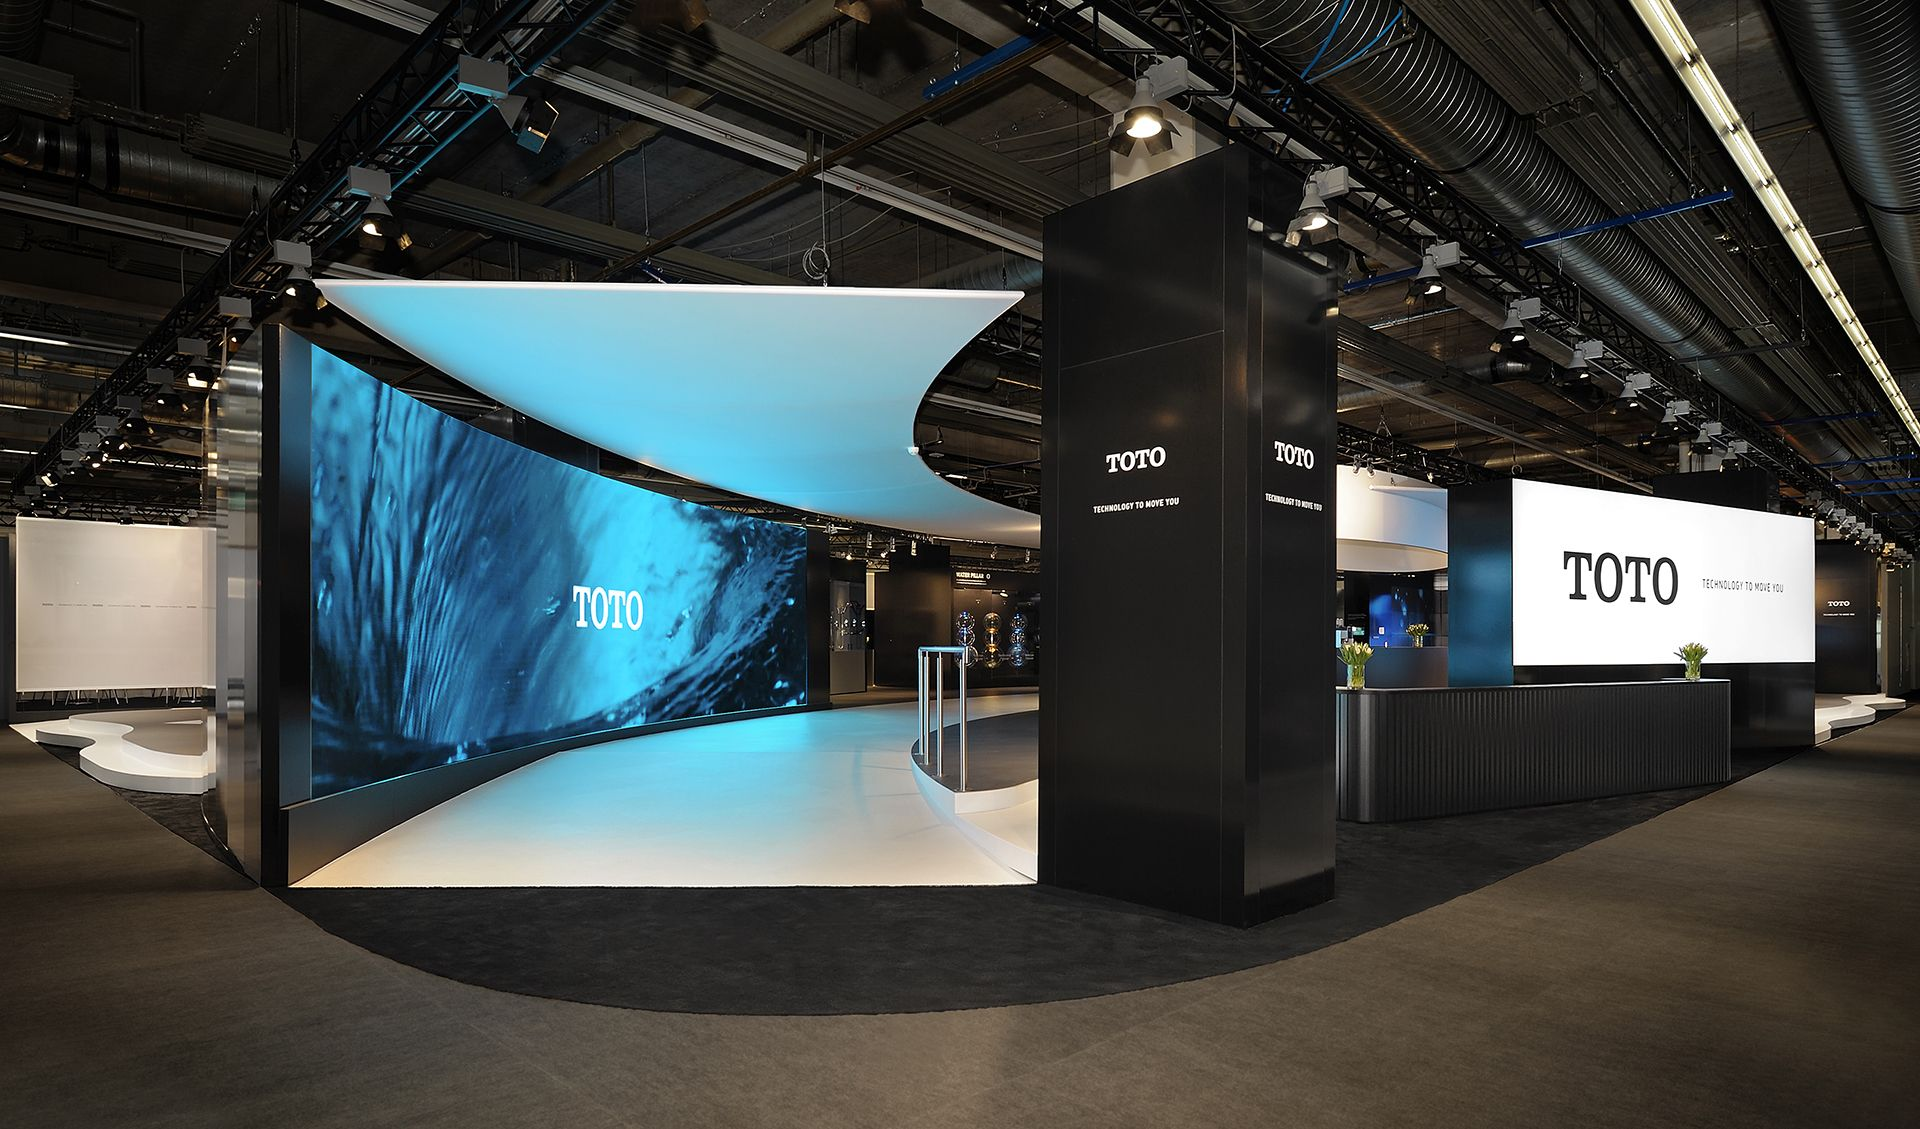 auf der ish in frankfurt wurden dieses jahr die produkte von toto sprichw rtlich in ein. Black Bedroom Furniture Sets. Home Design Ideas